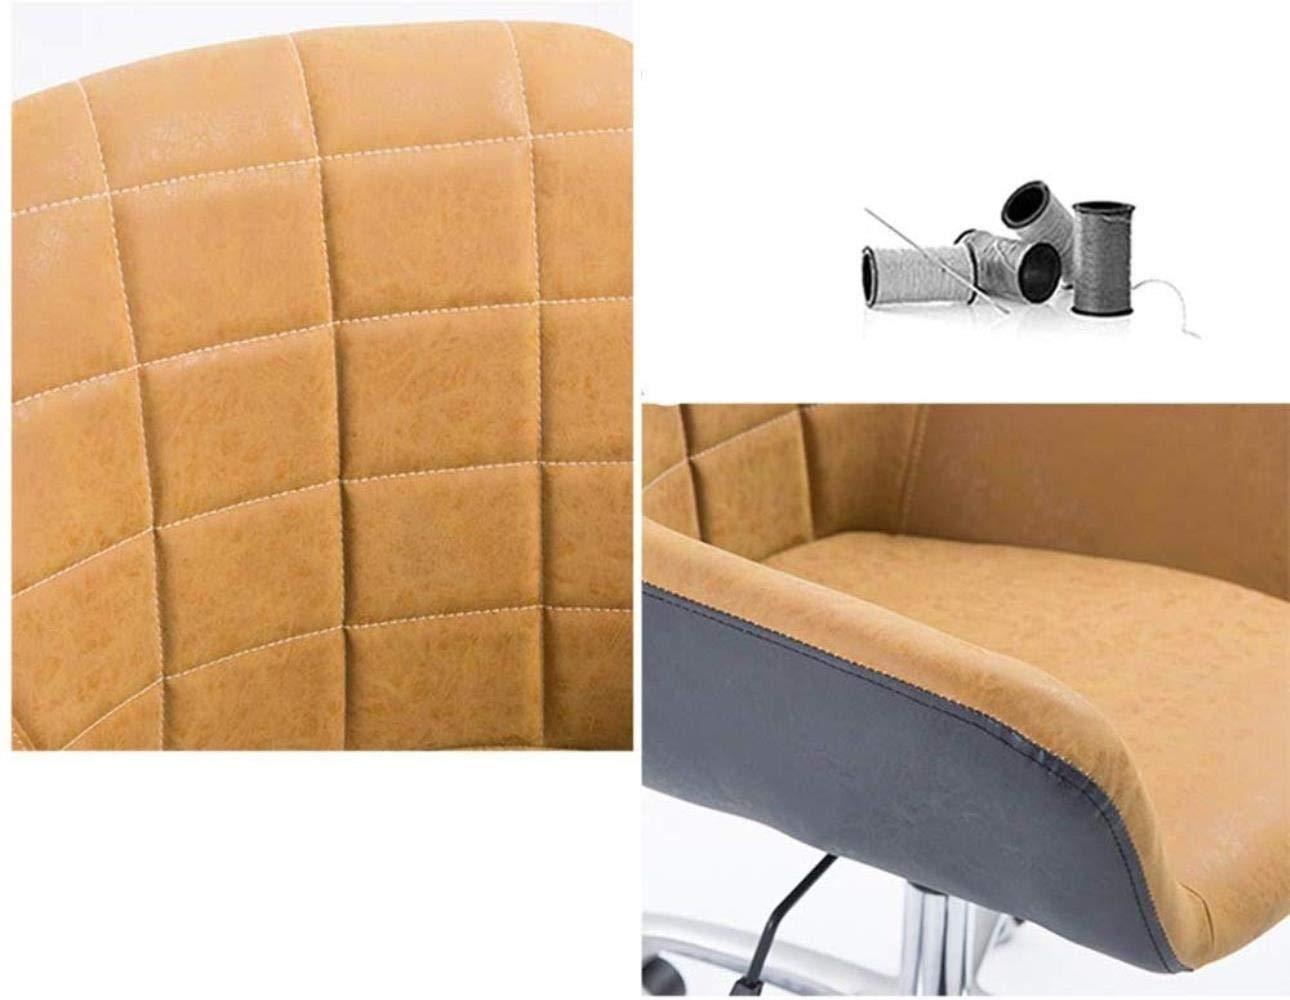 Barstolar THBEIBEI hem kontor skrivbordsstol spelstol datorstol uppgift skrivbord stol mottagningsstol böjt ryggstöd bärande vikt 200 kg flerfärgat valfritt (färg: Gul) Ljusgrå